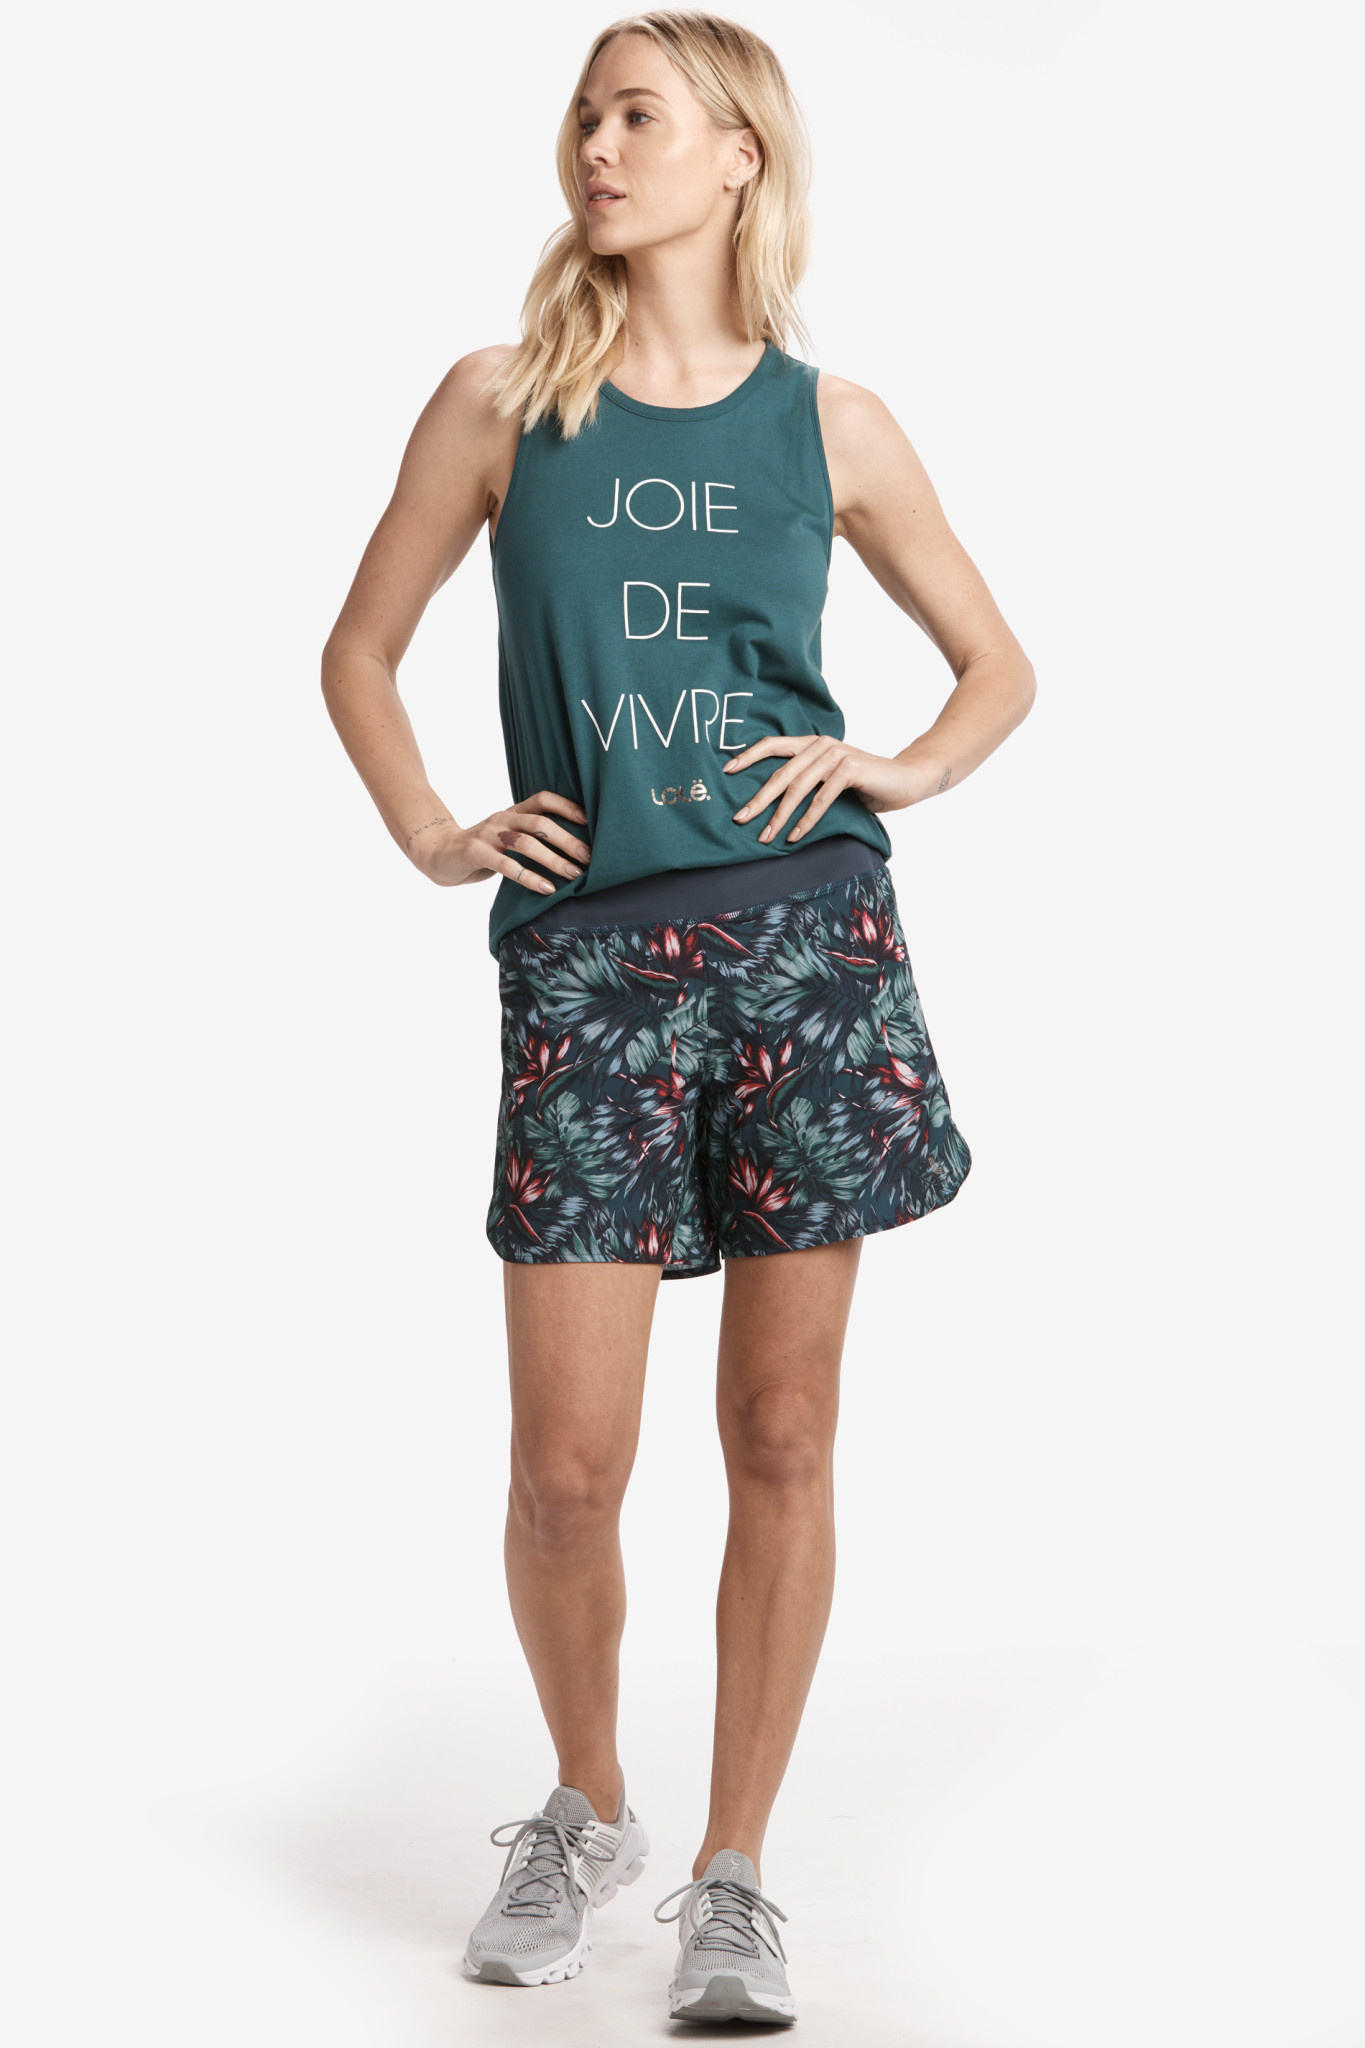 Lole Running Shorts - Fiji Rainforest